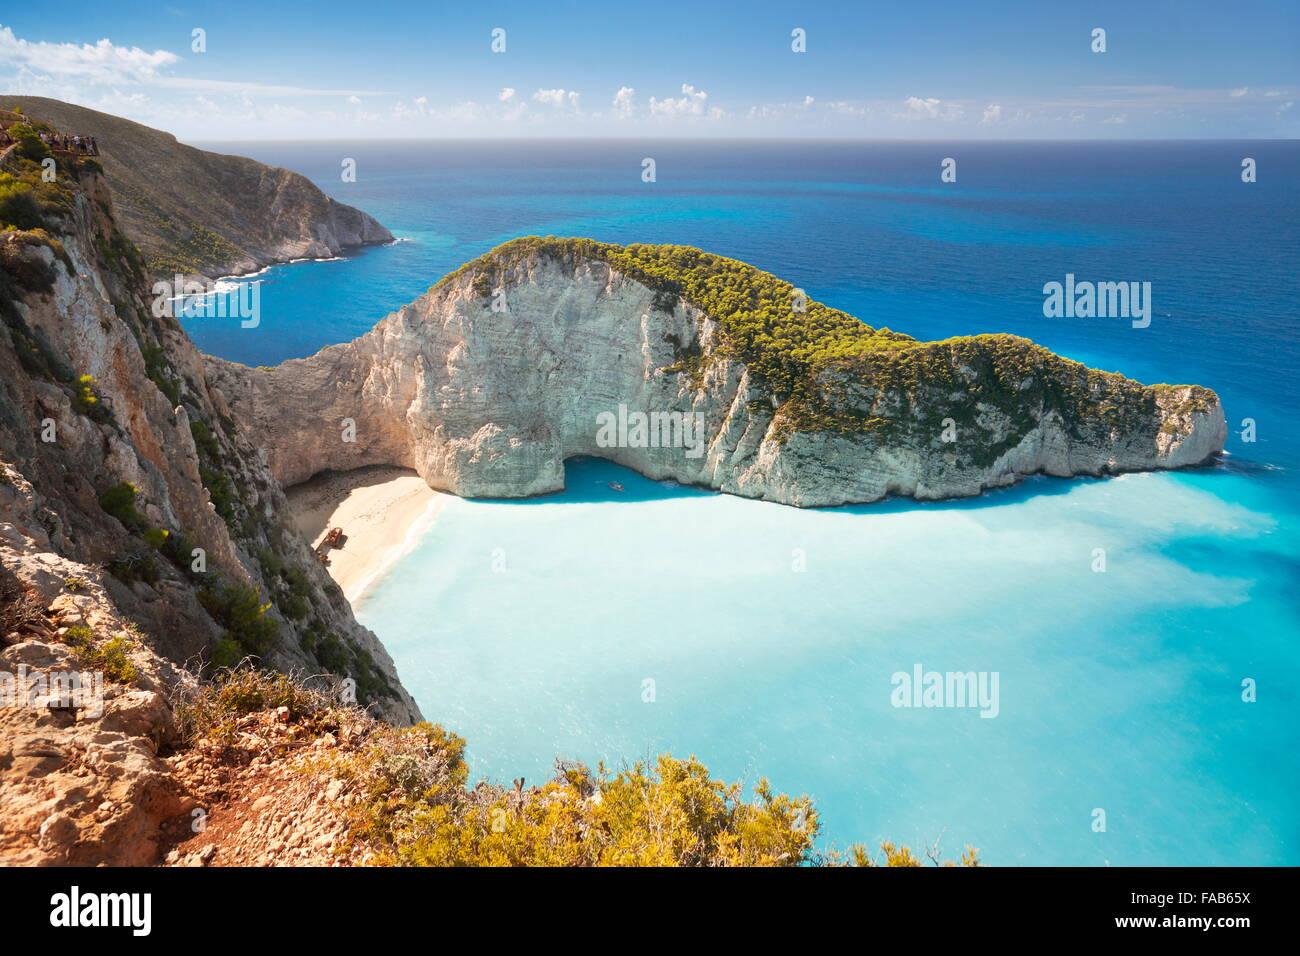 Grecia - Zante, Shipwreck Cove, Navagio Beach Immagini Stock